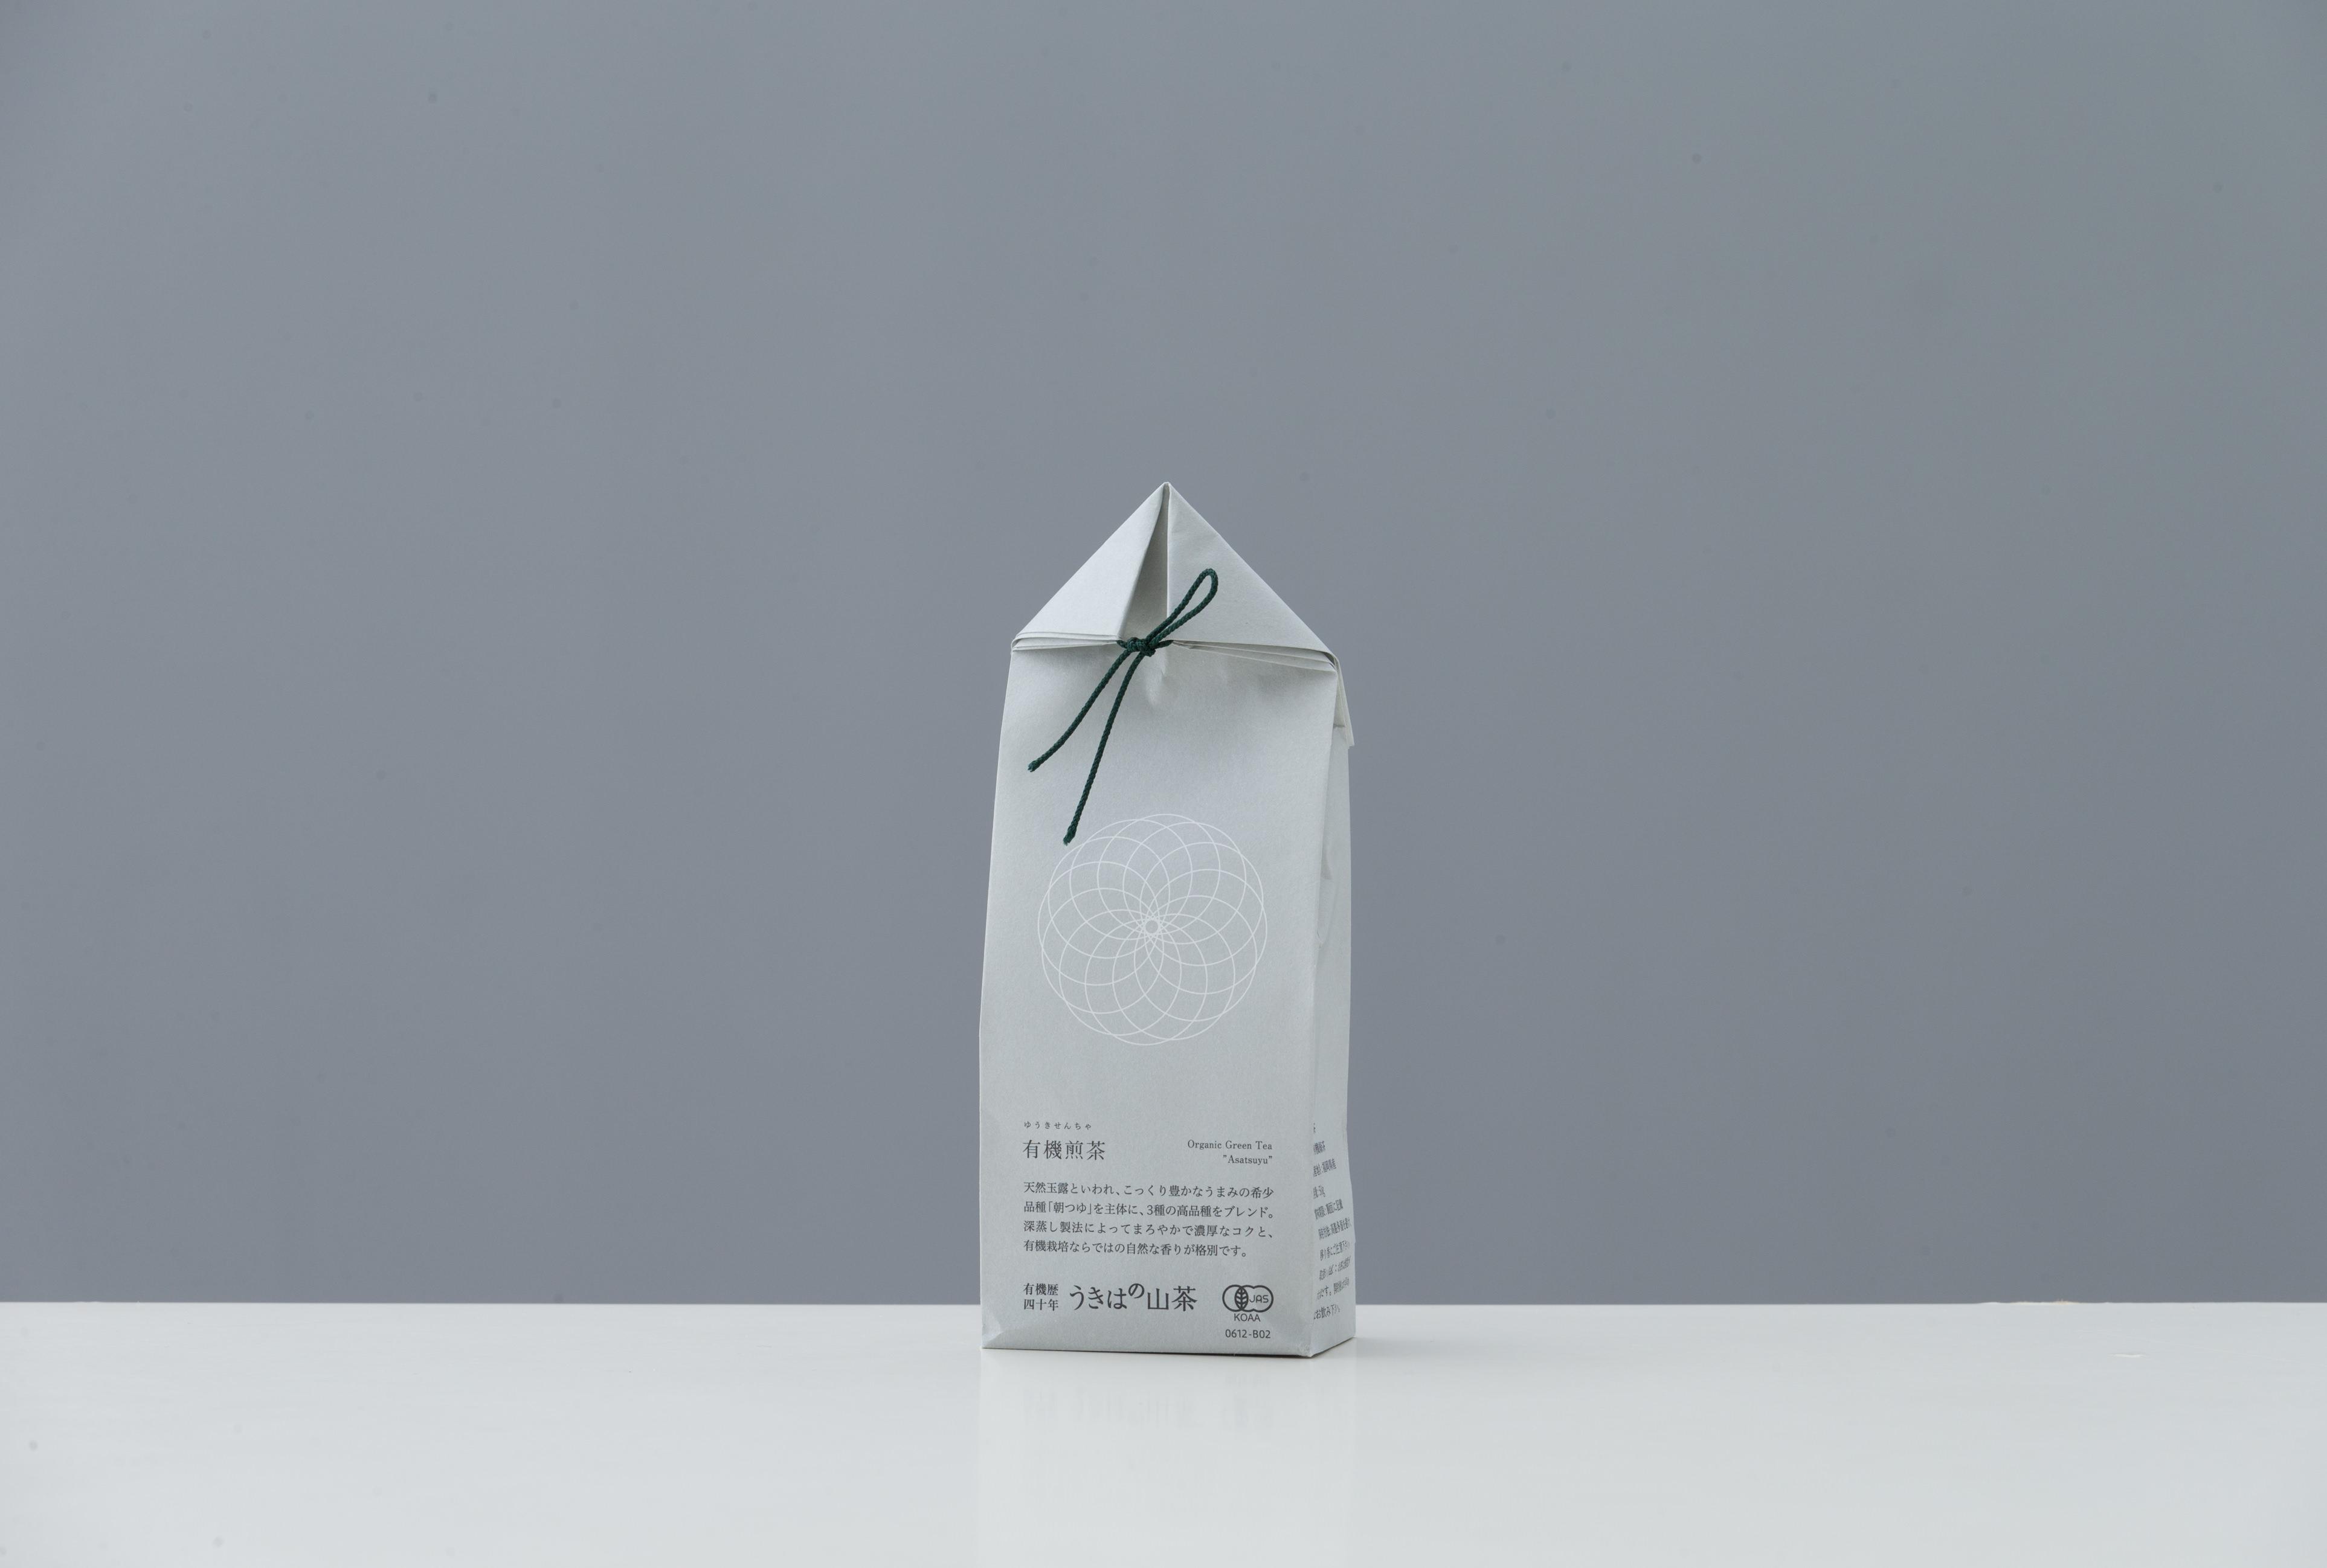 プレミアム 有機煎茶 商品イメージ1